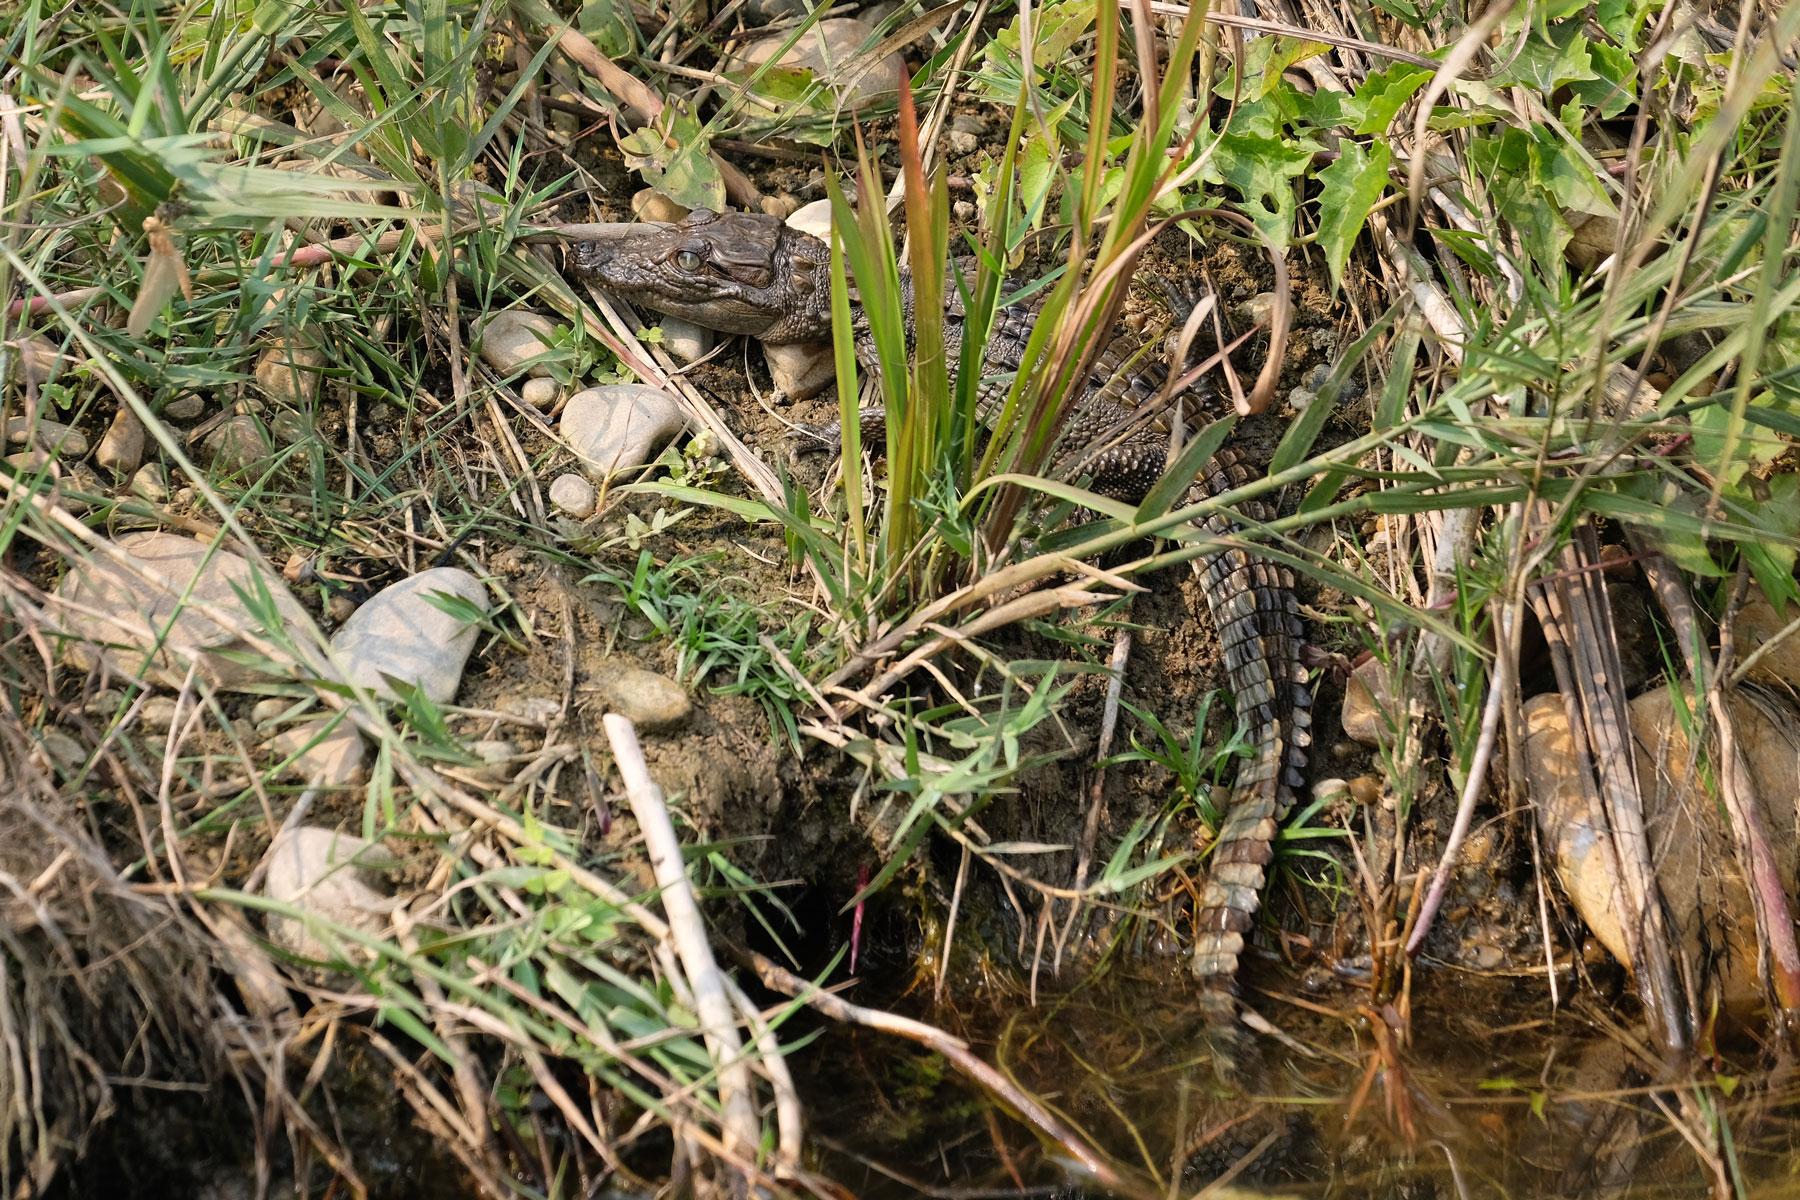 Ein kleines Krokodil im Gras am Rand eines Wasserlochs im Chitwan Nationalpark.